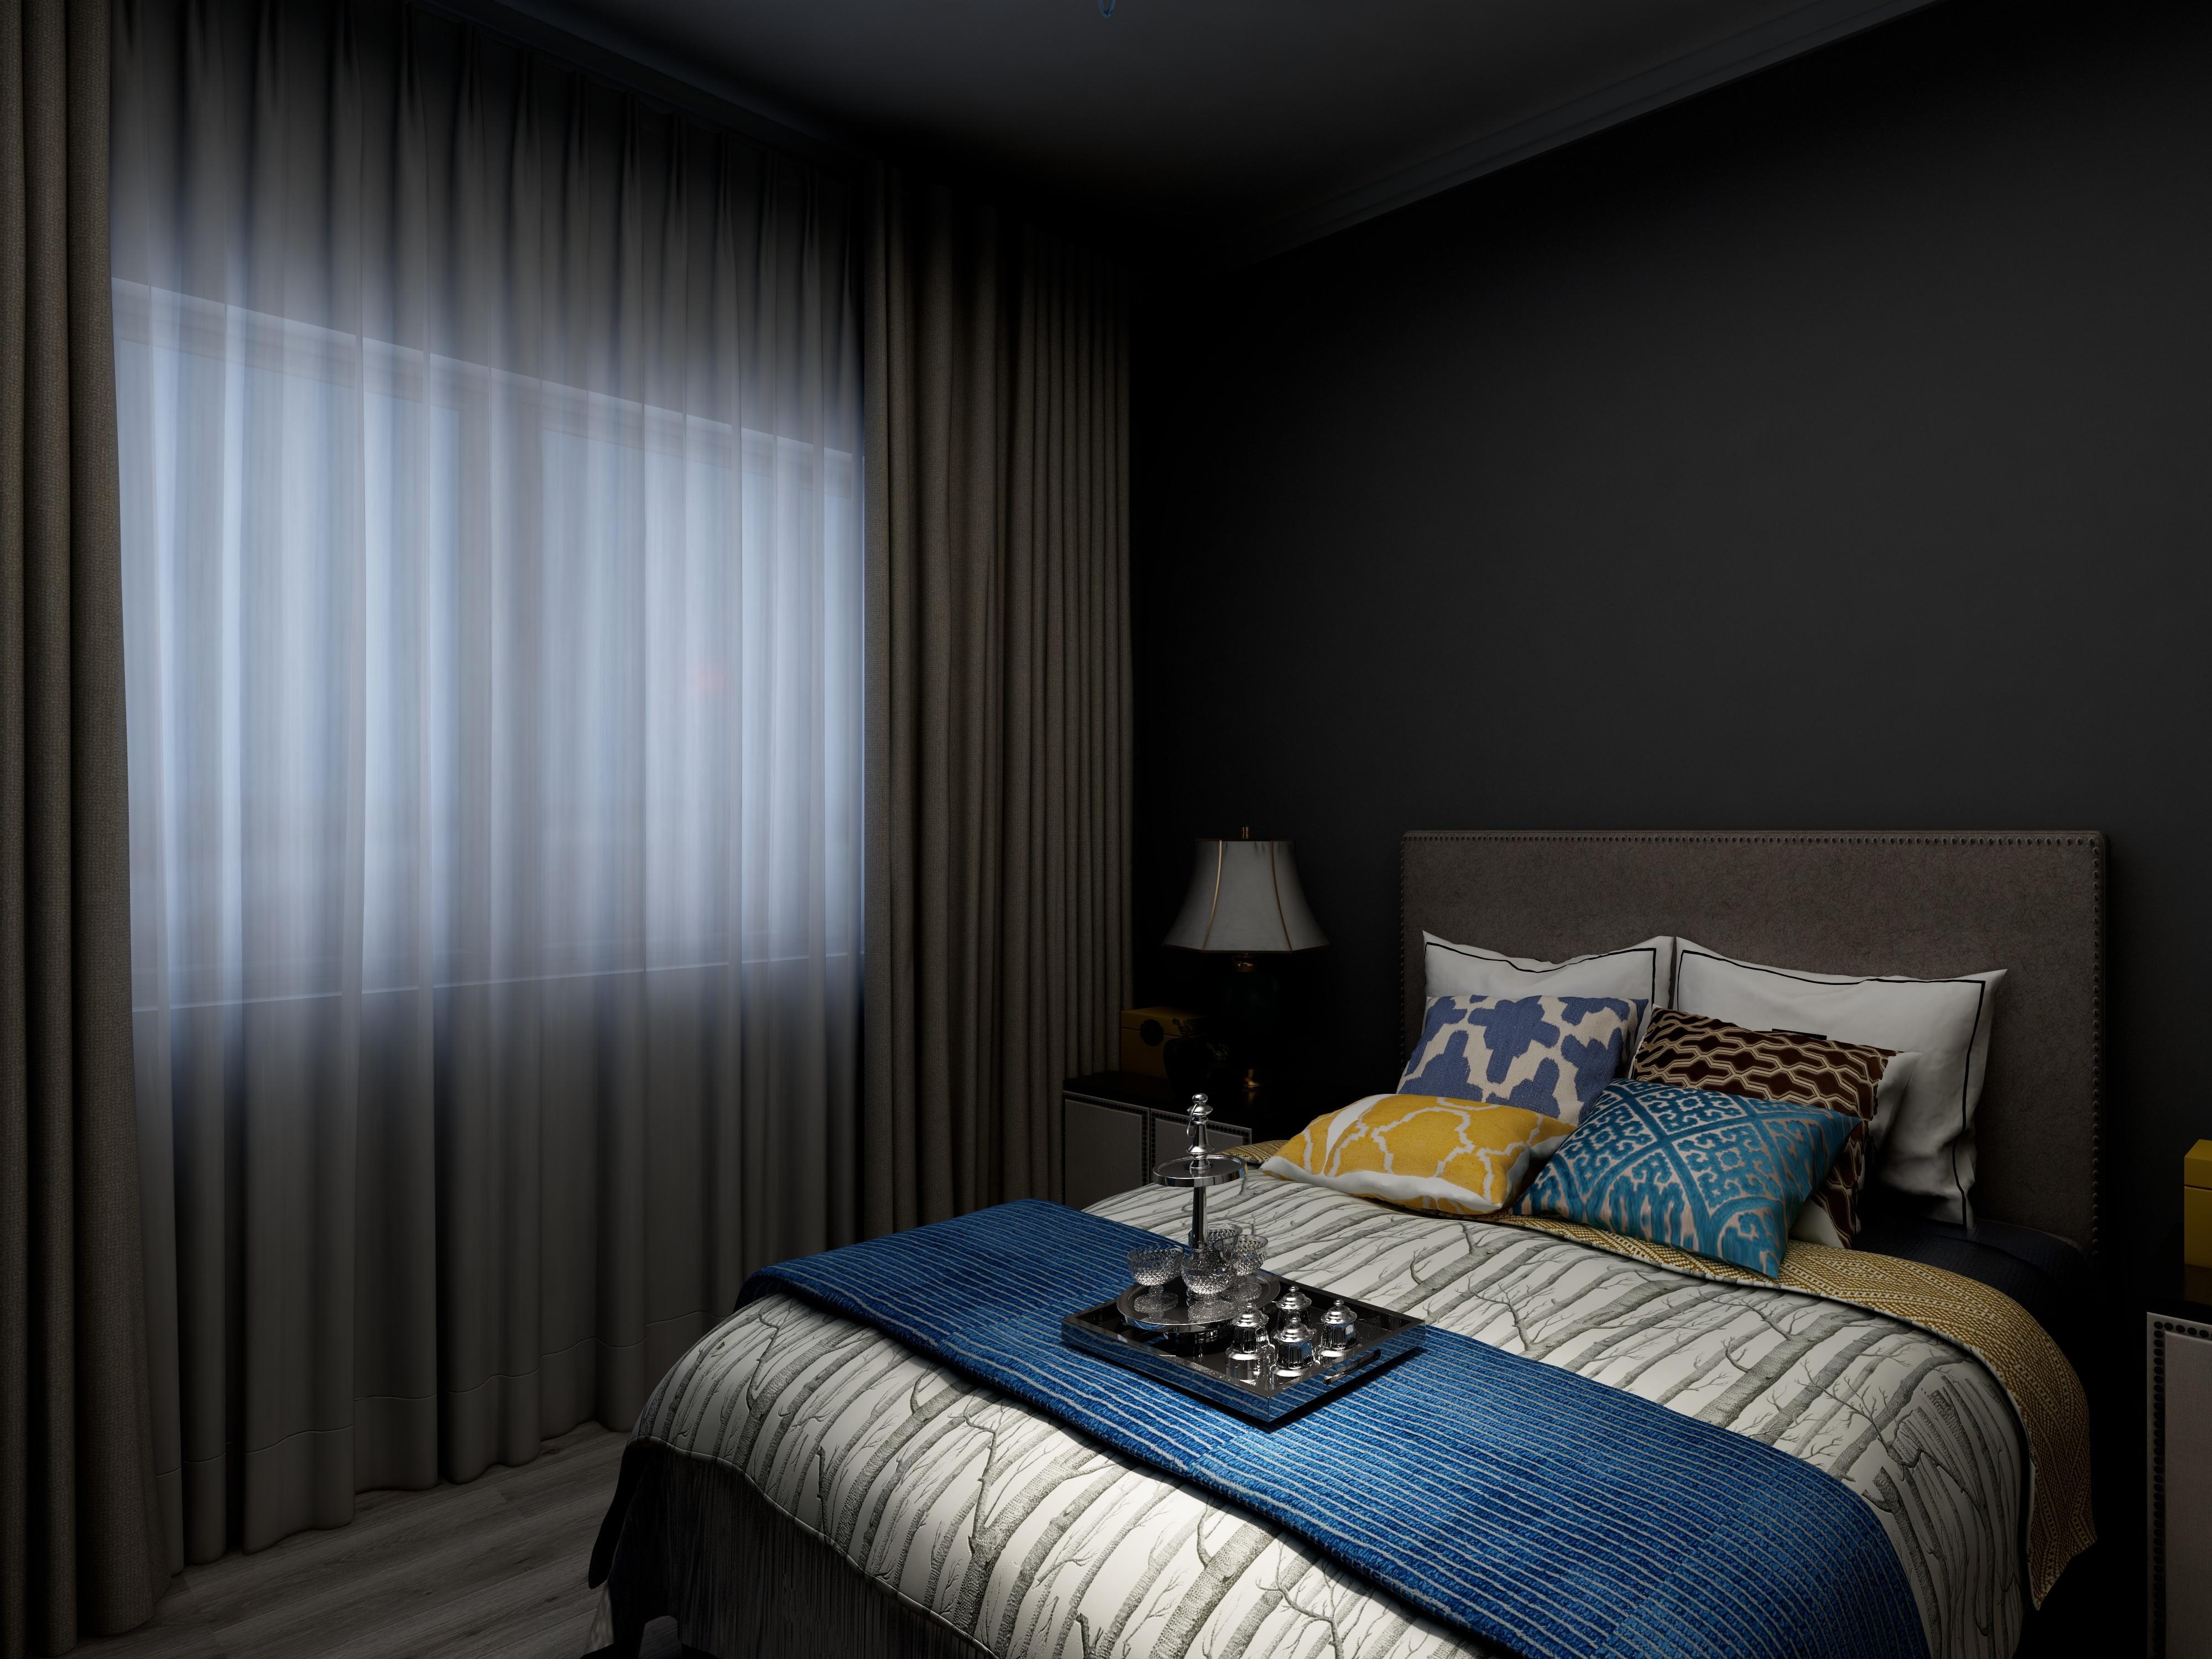 黑白灰简约空间装修次卧效果图